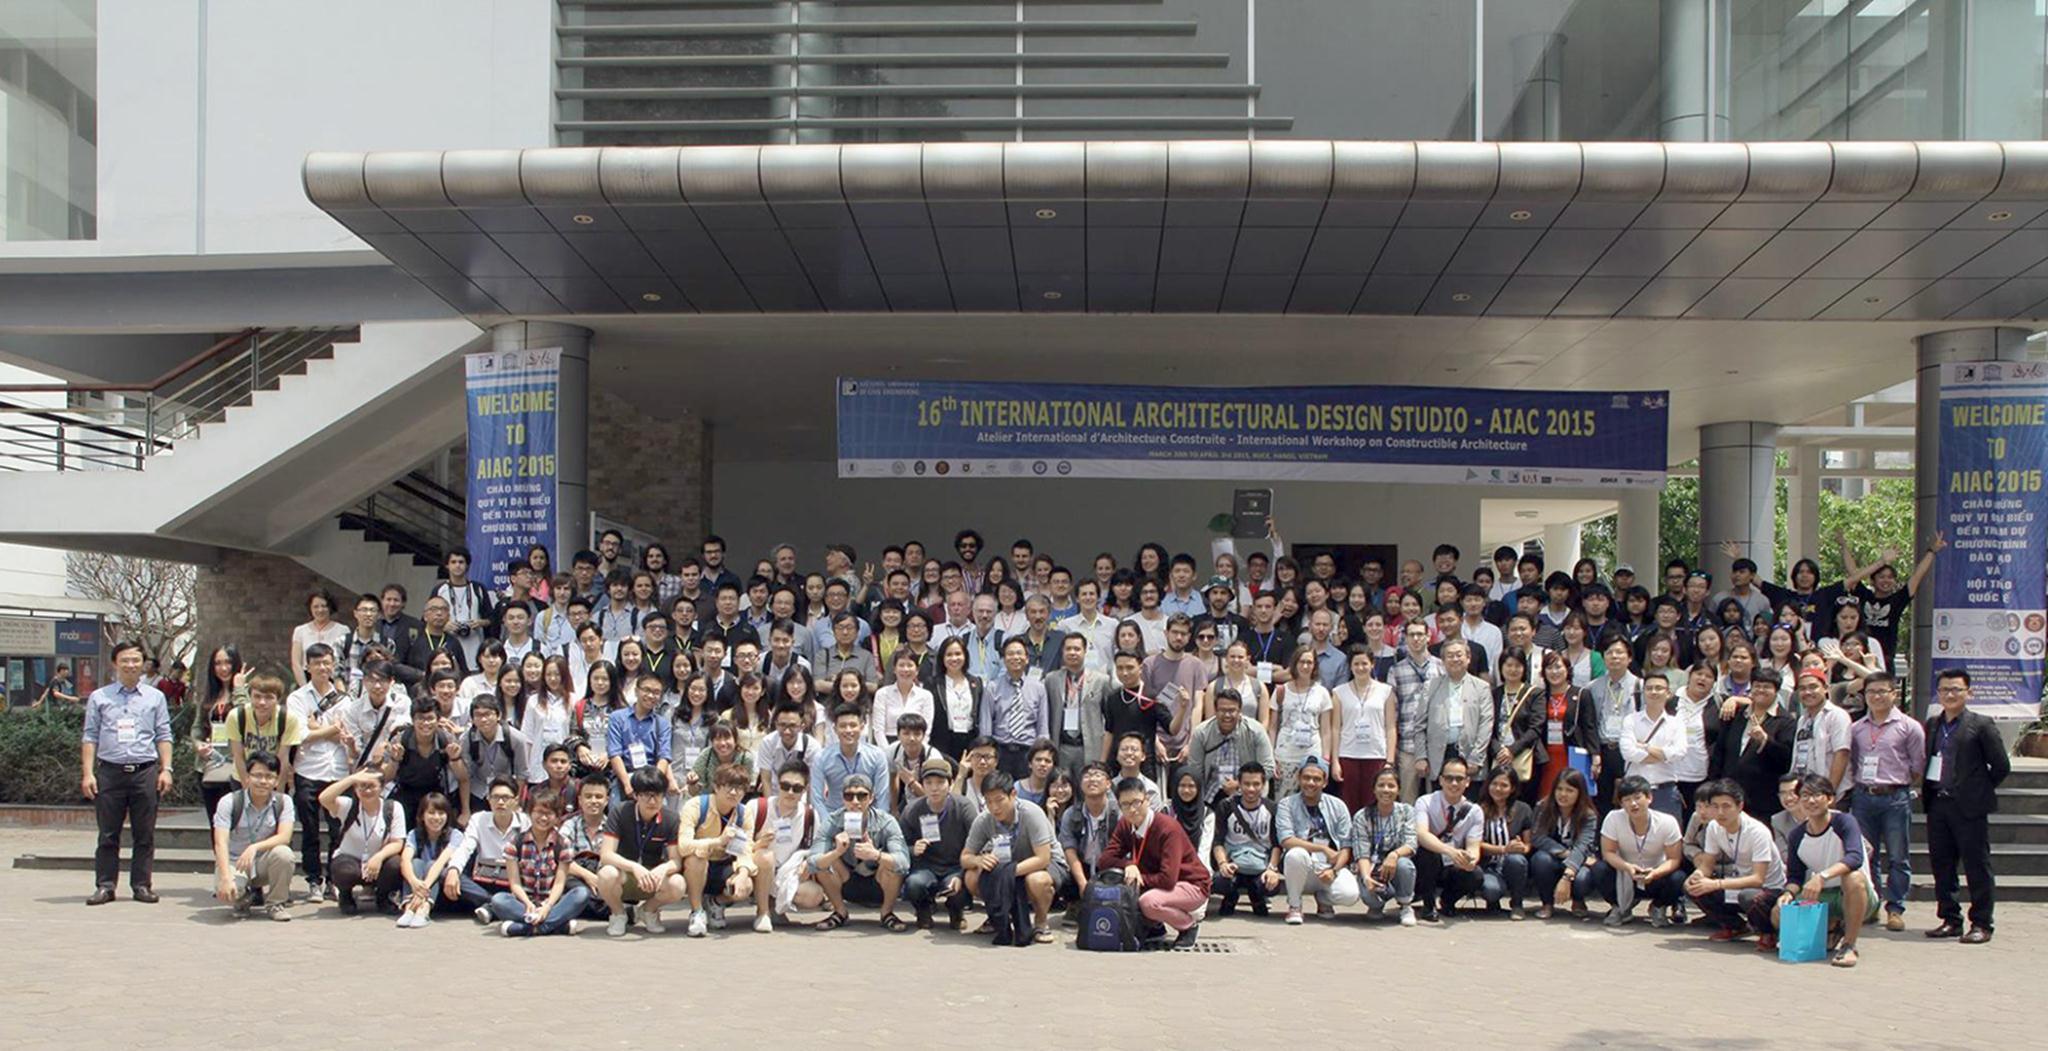 Hình ảnh AIAC2015 tại Hà Nội (Ảnh: NUCE)